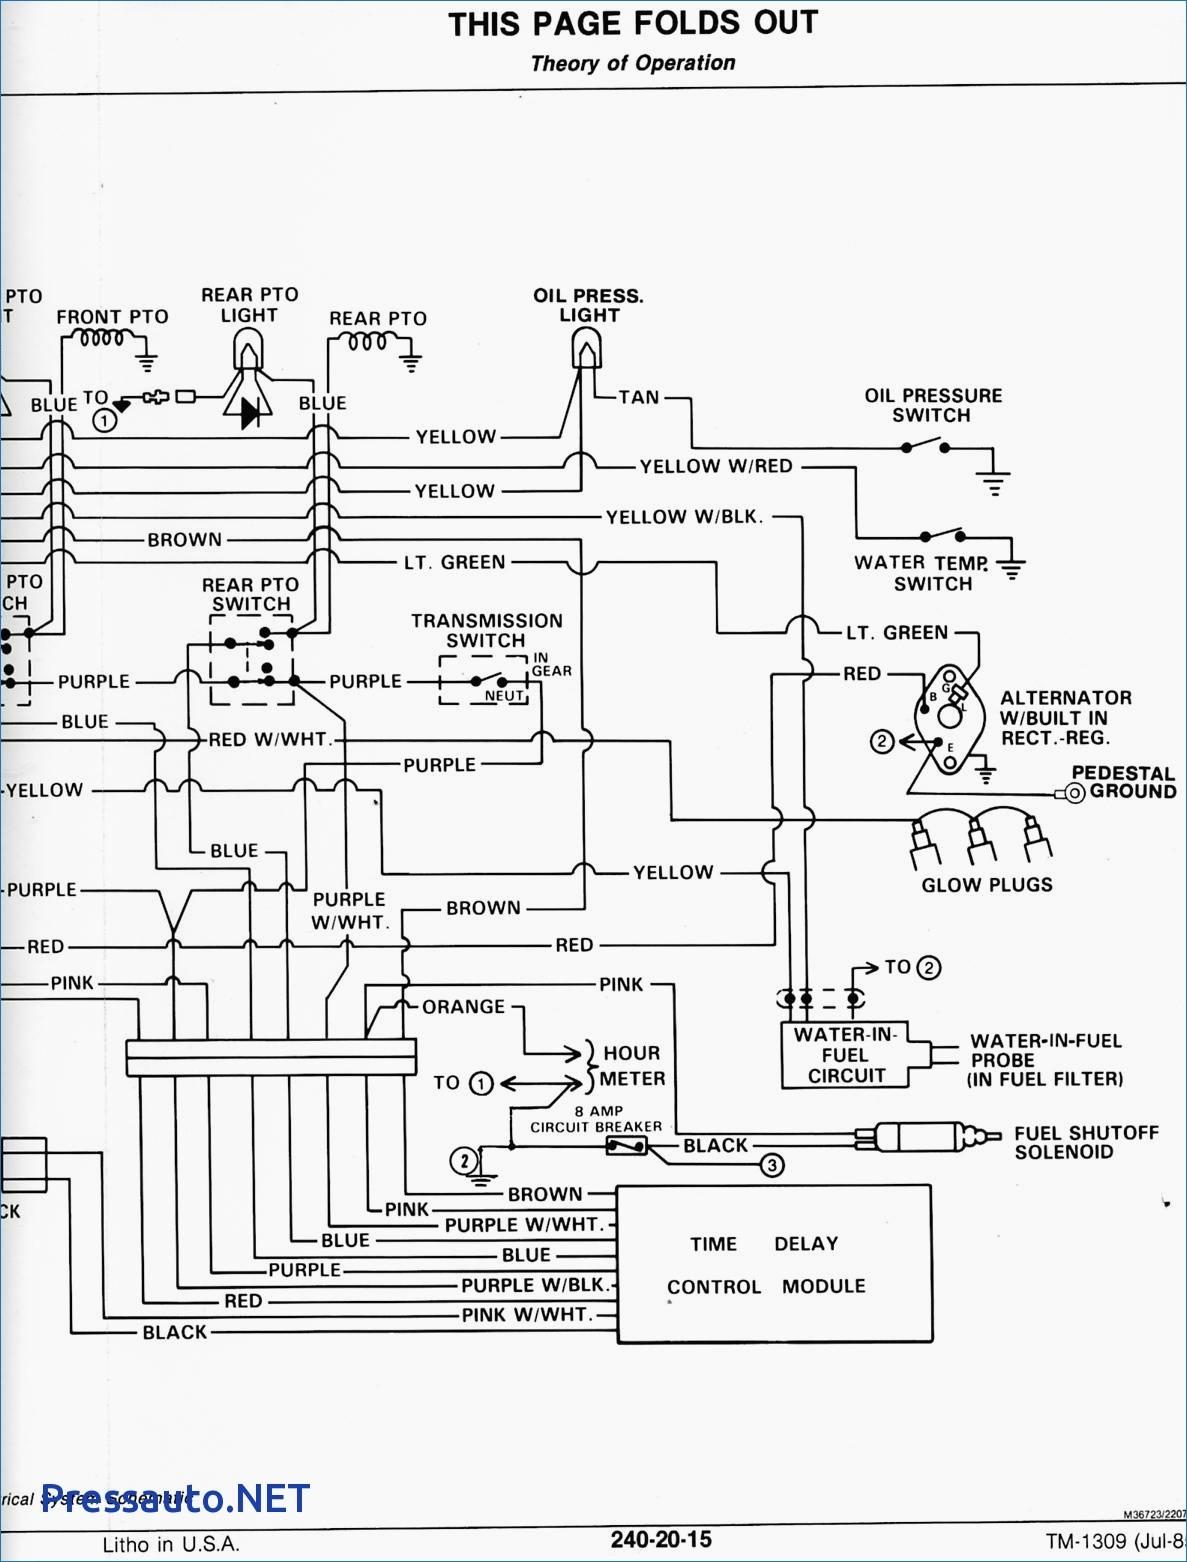 John Deere Stx38 Wiring Diagram Free Download